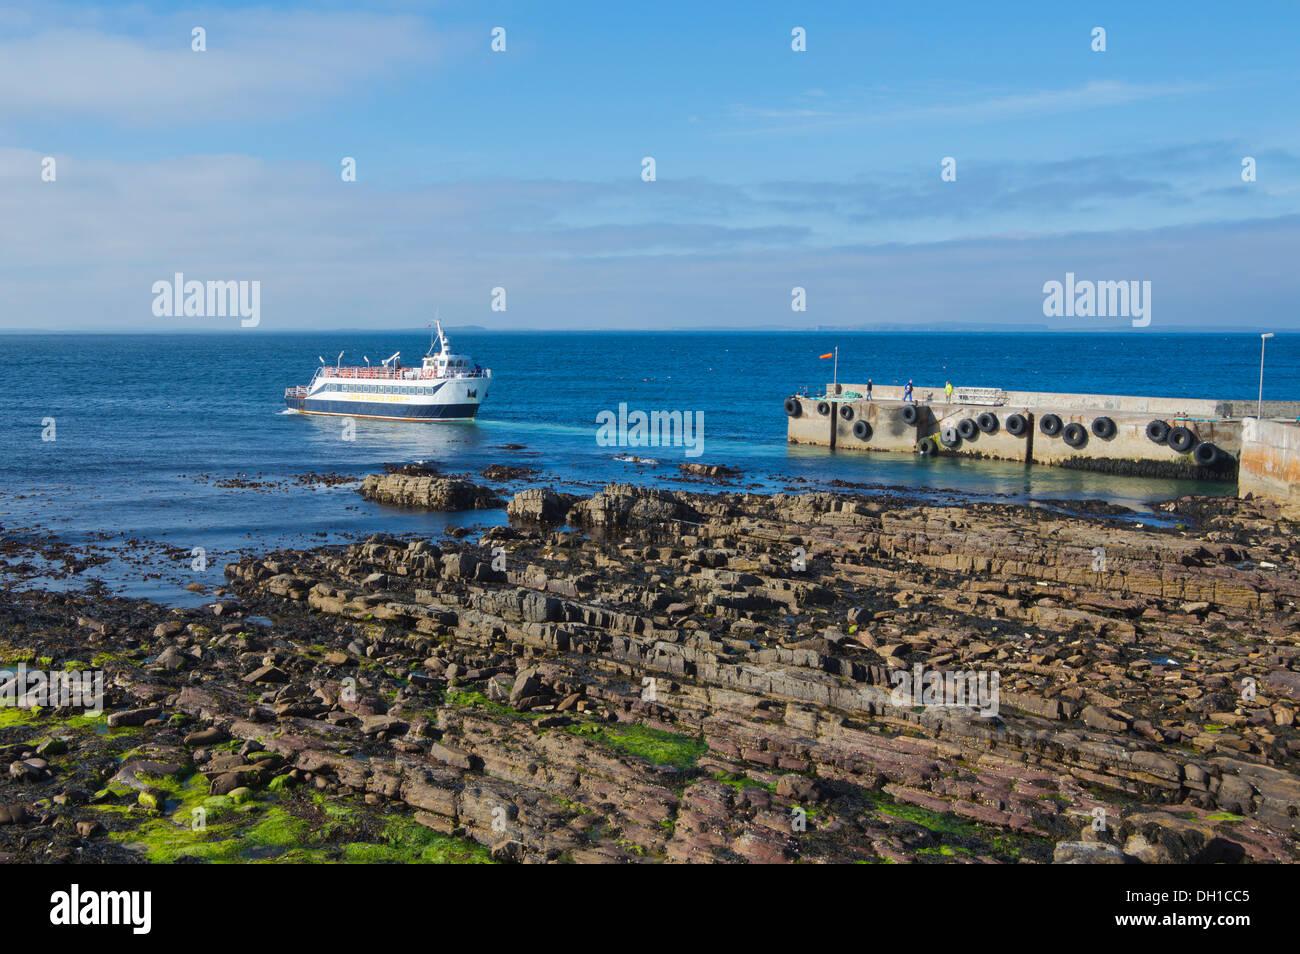 John O Groats Harbour, Pentland Venture Orkney ferry, costa, regione delle Highlands, Scotland, Regno Unito Foto Stock